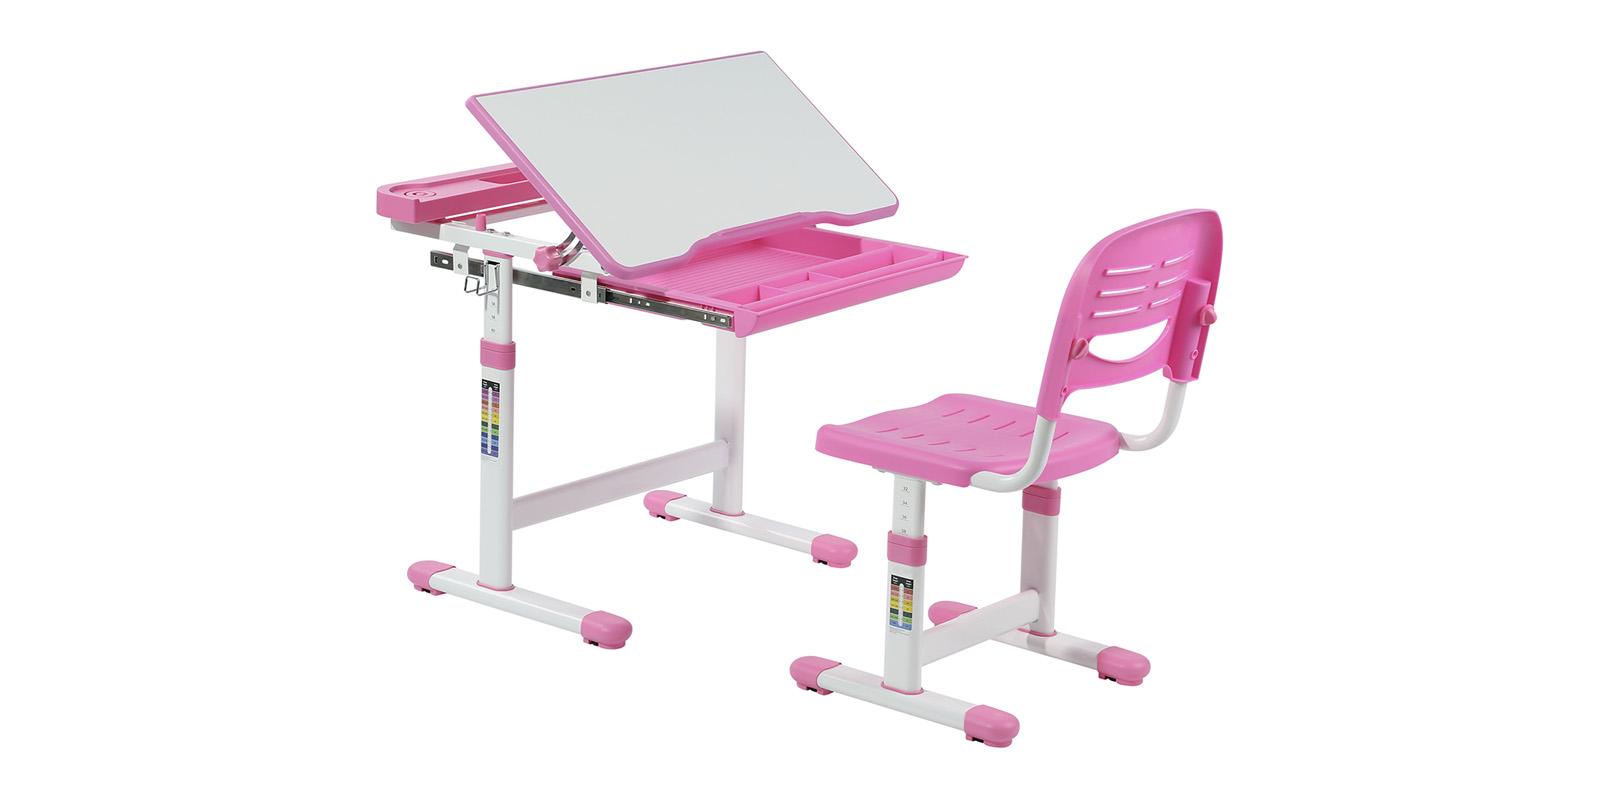 Детская парта Cantare комплект парта + стул (белый/розовый)